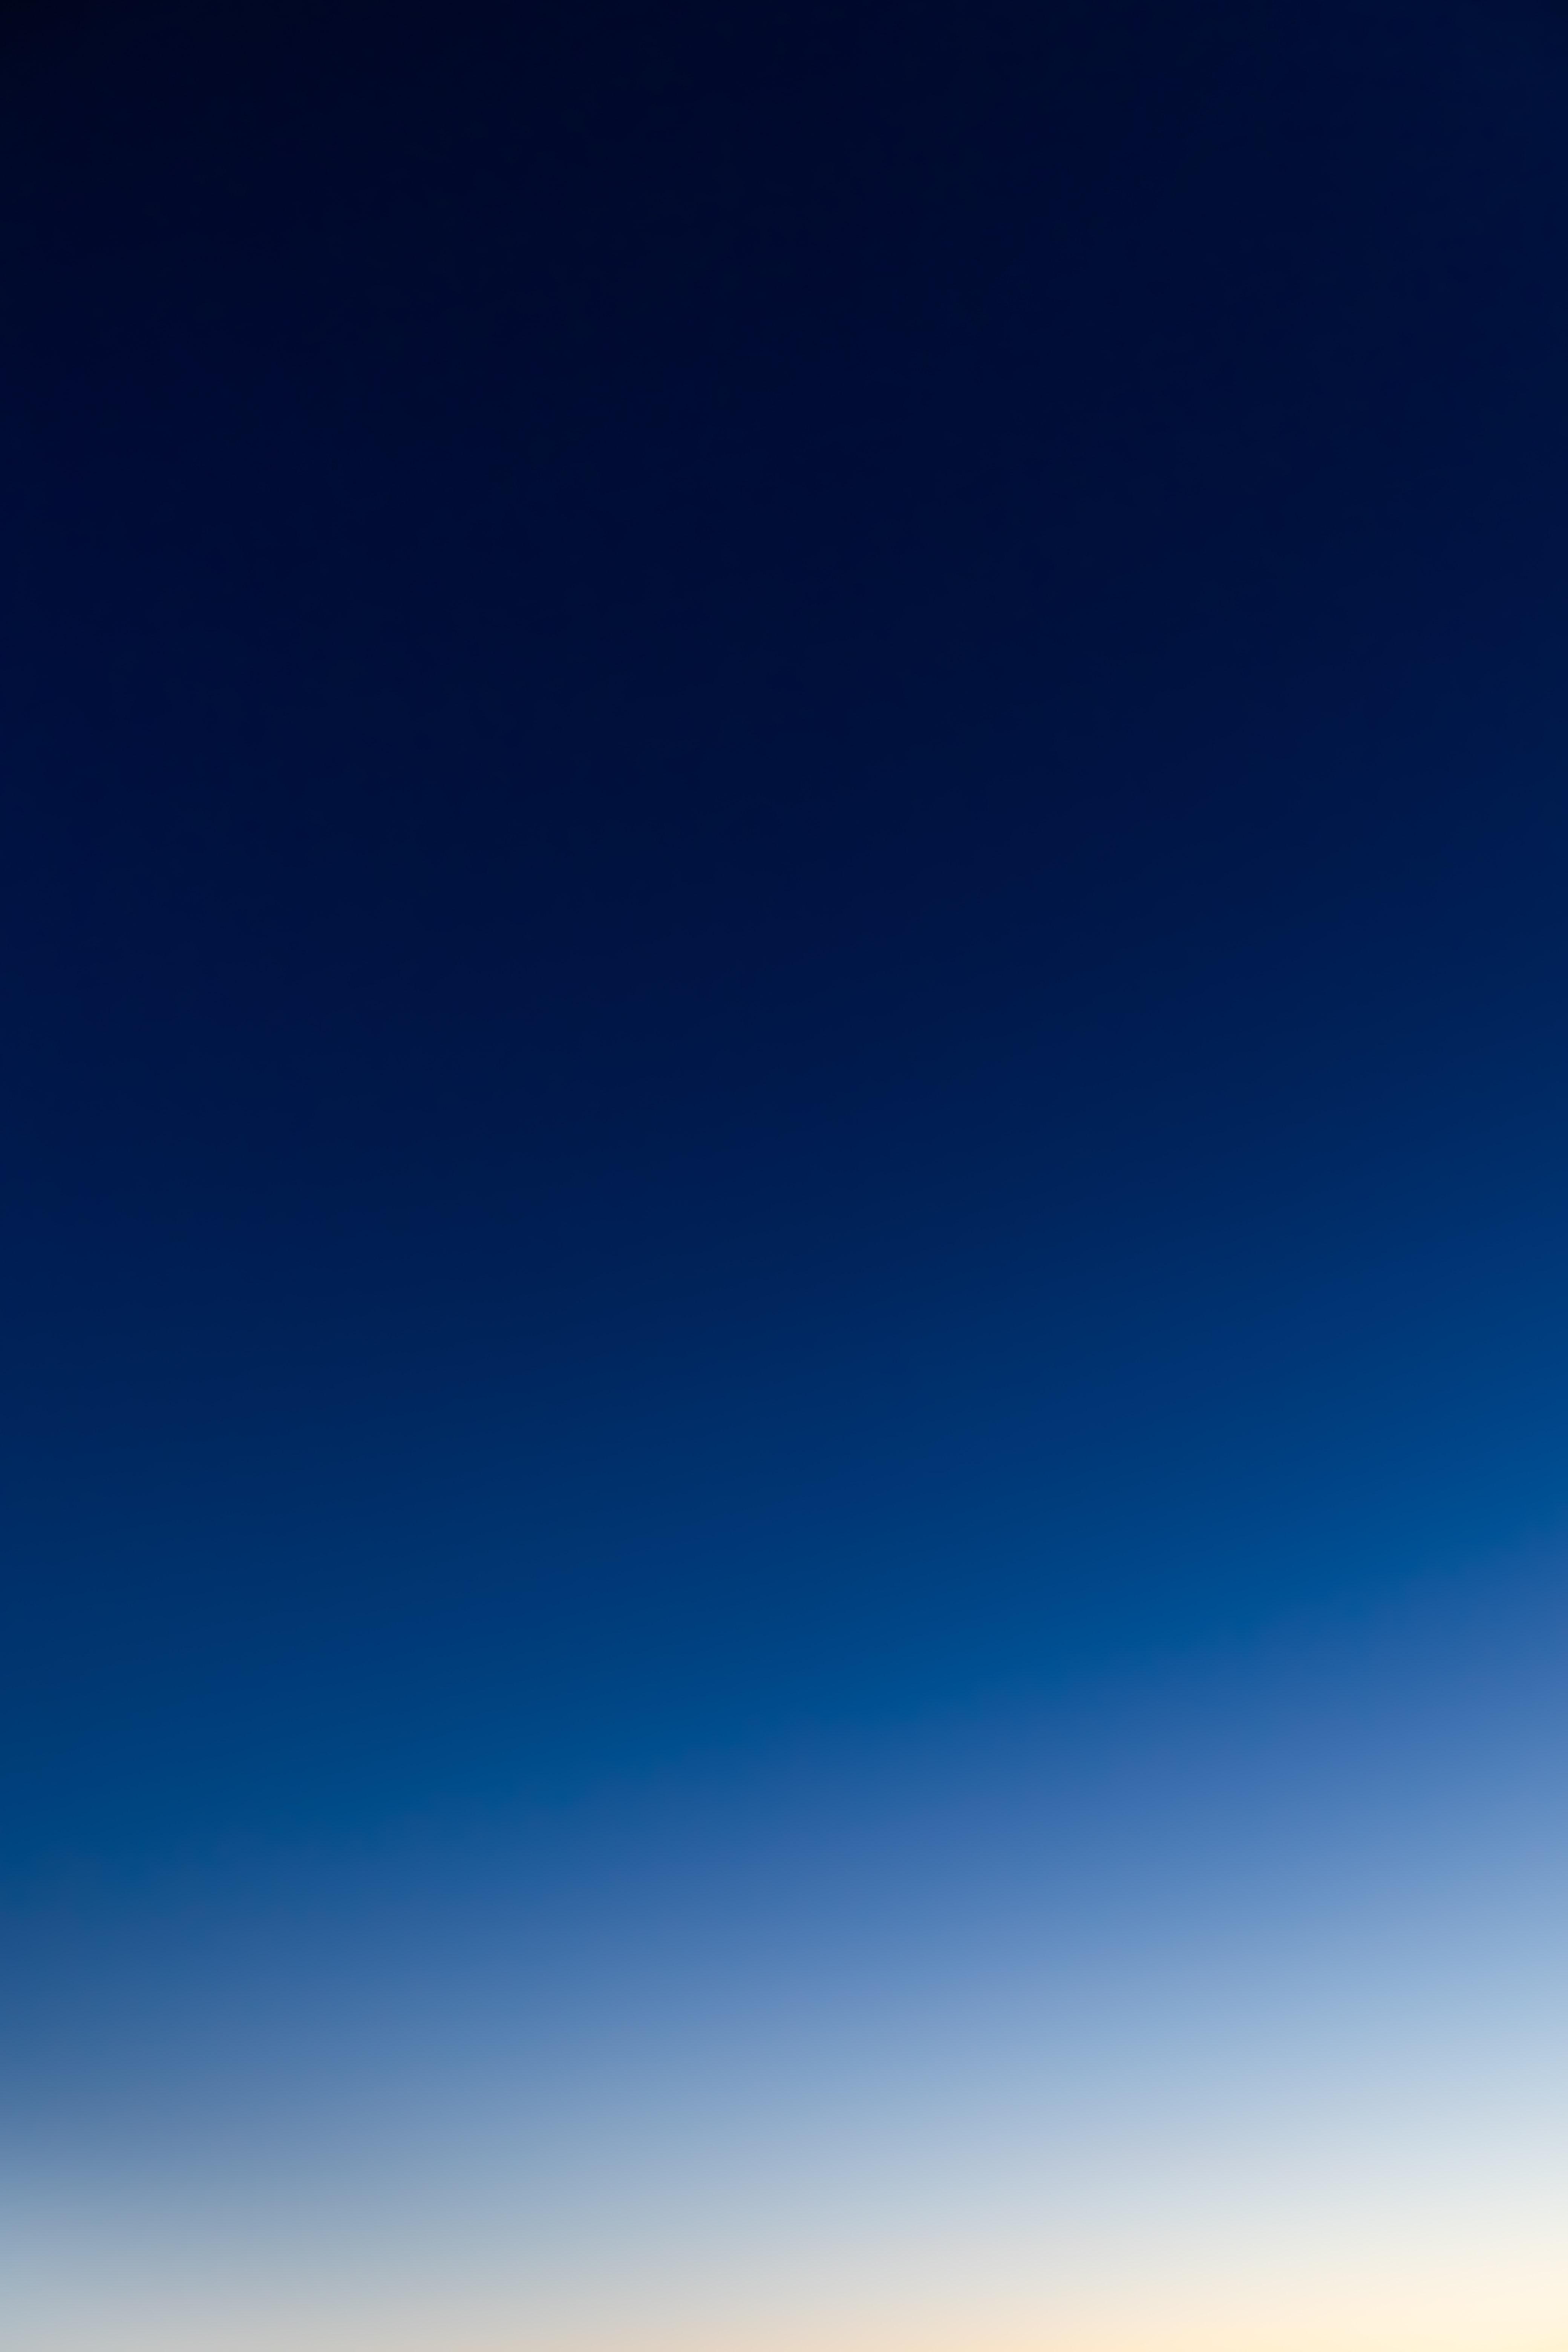 69394 завантажити шпалери Абстракція, Градієнт, Синій, Колір, Фон, Темний - заставки і картинки безкоштовно